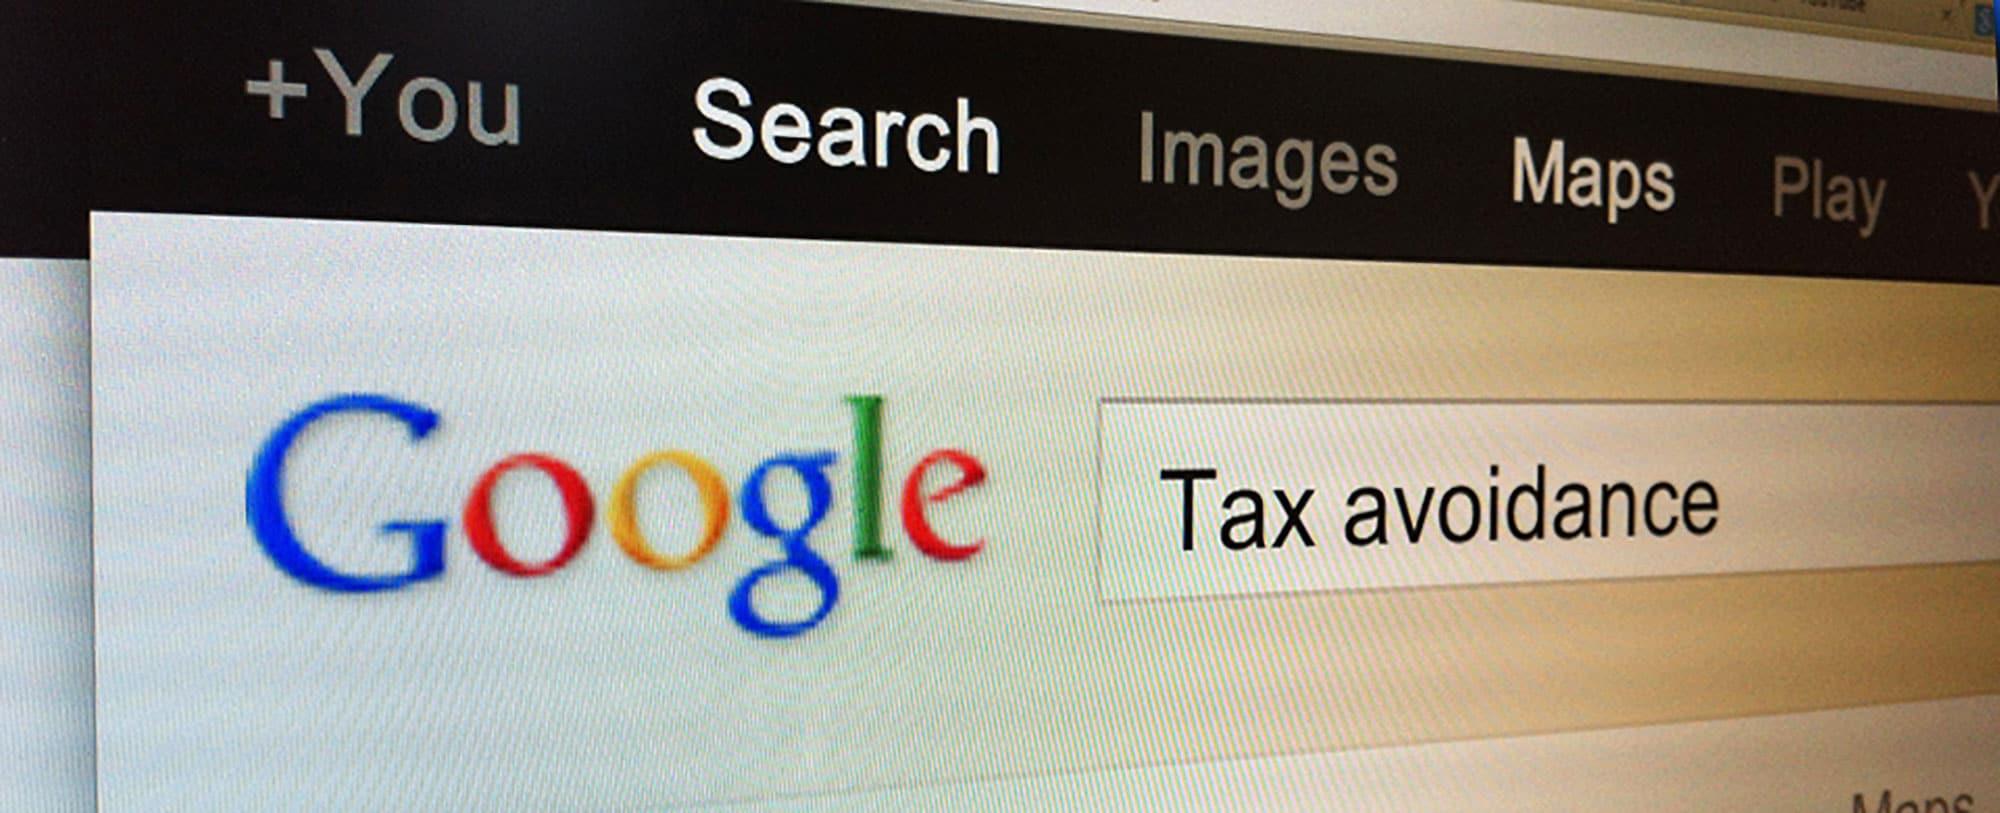 Google DST tax